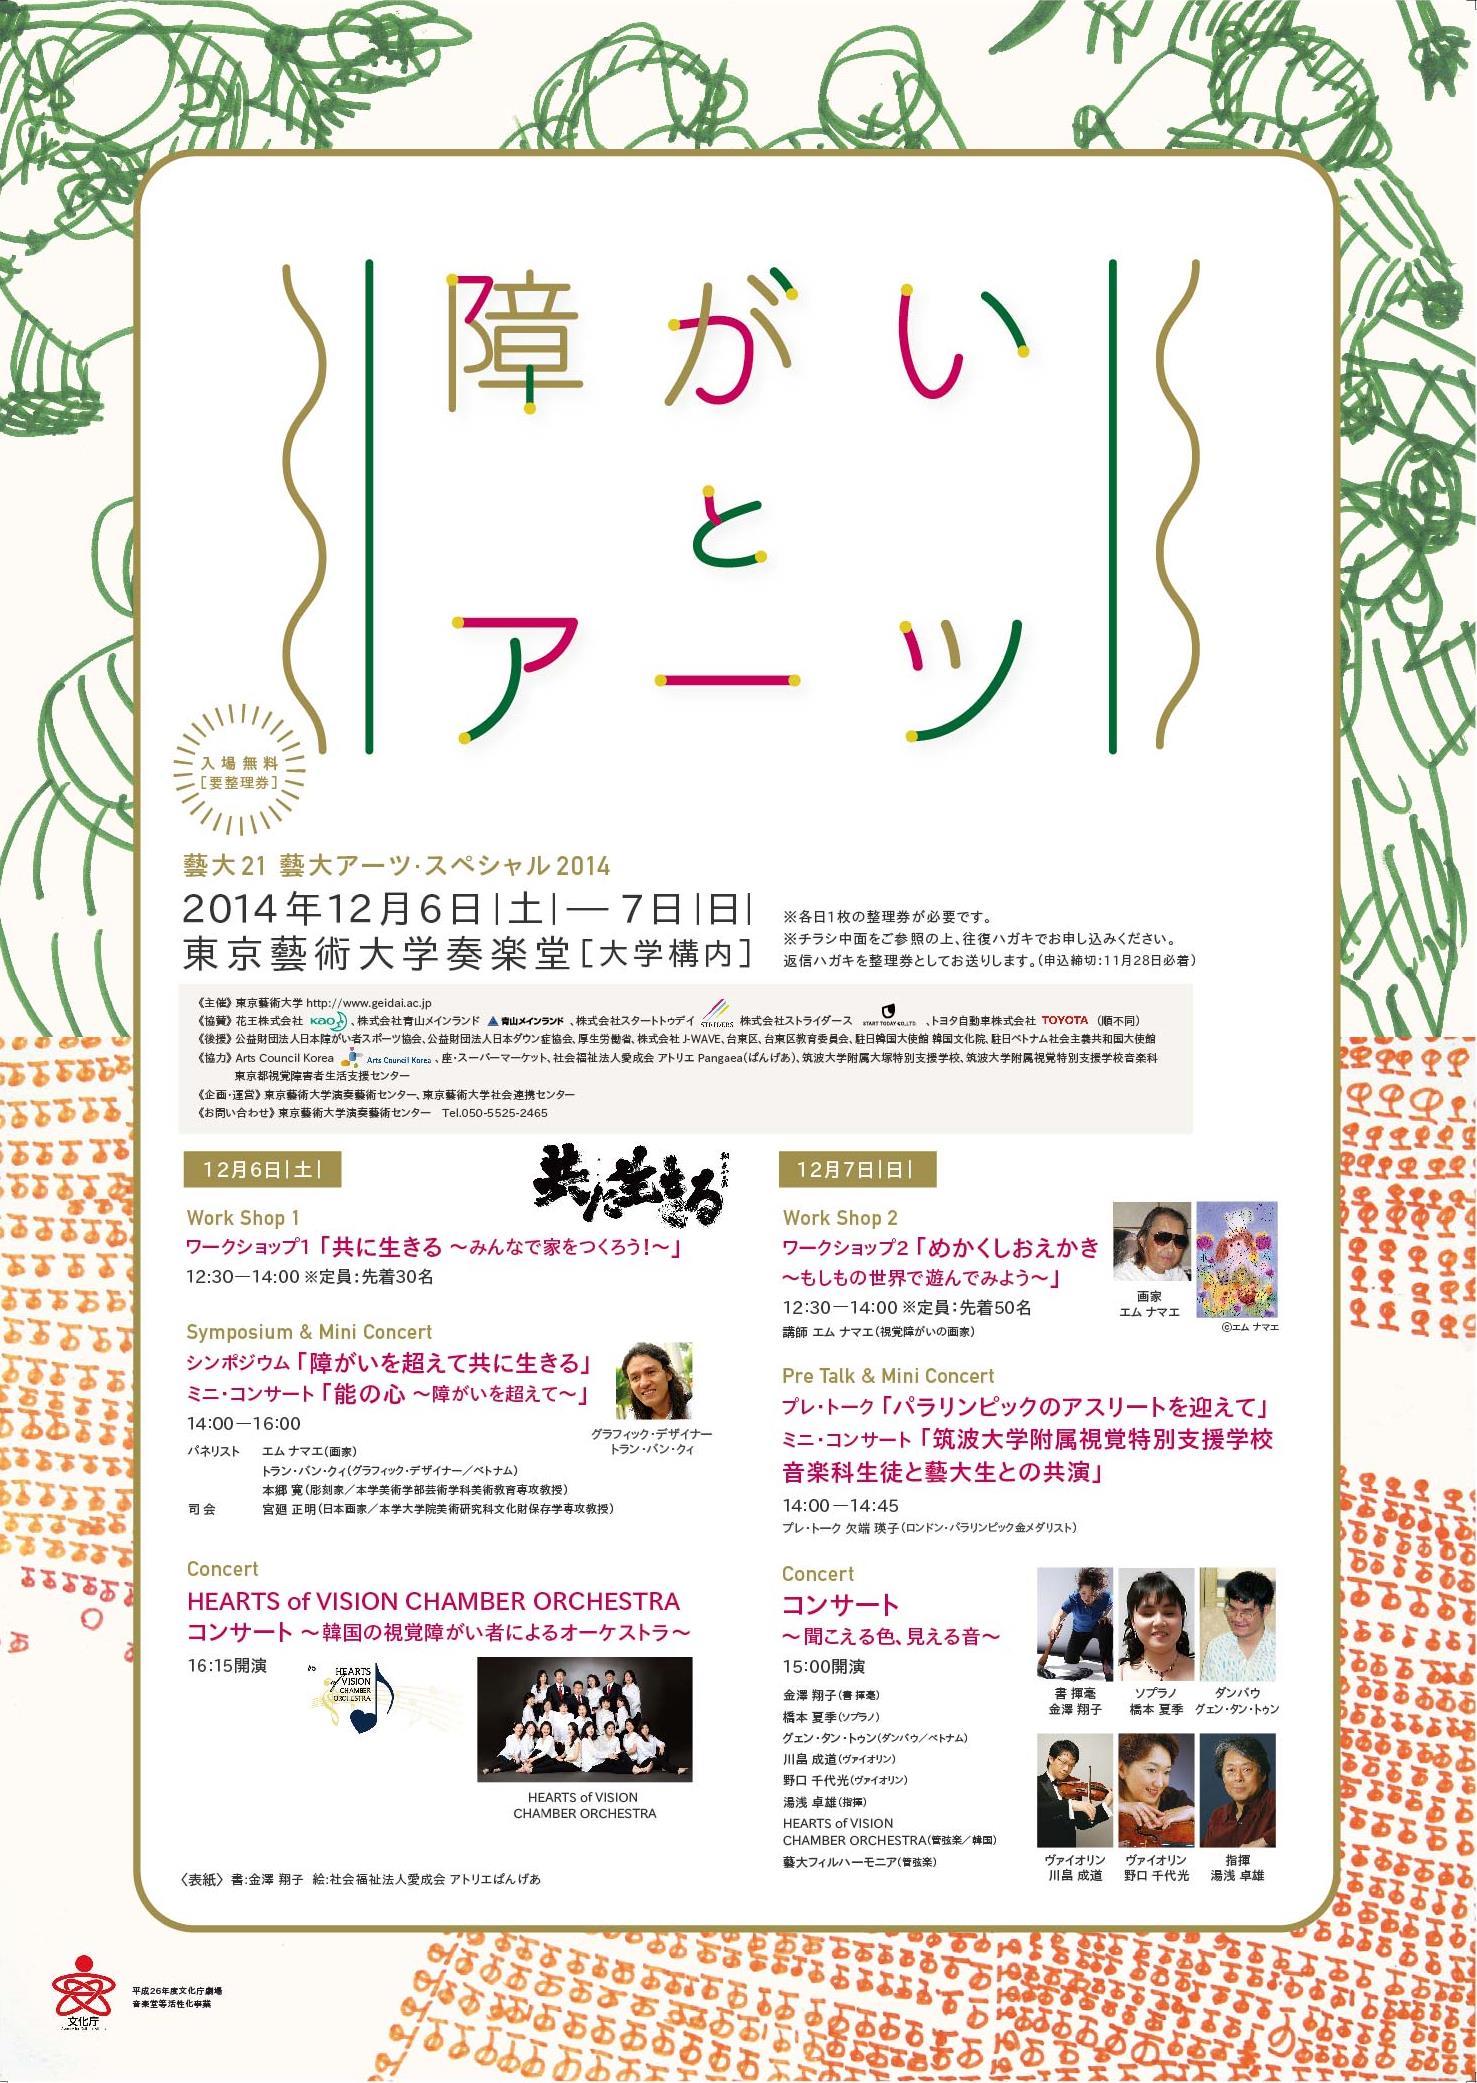 藝大21 藝大アーツ・スペシャル2014 障がいとアーツ